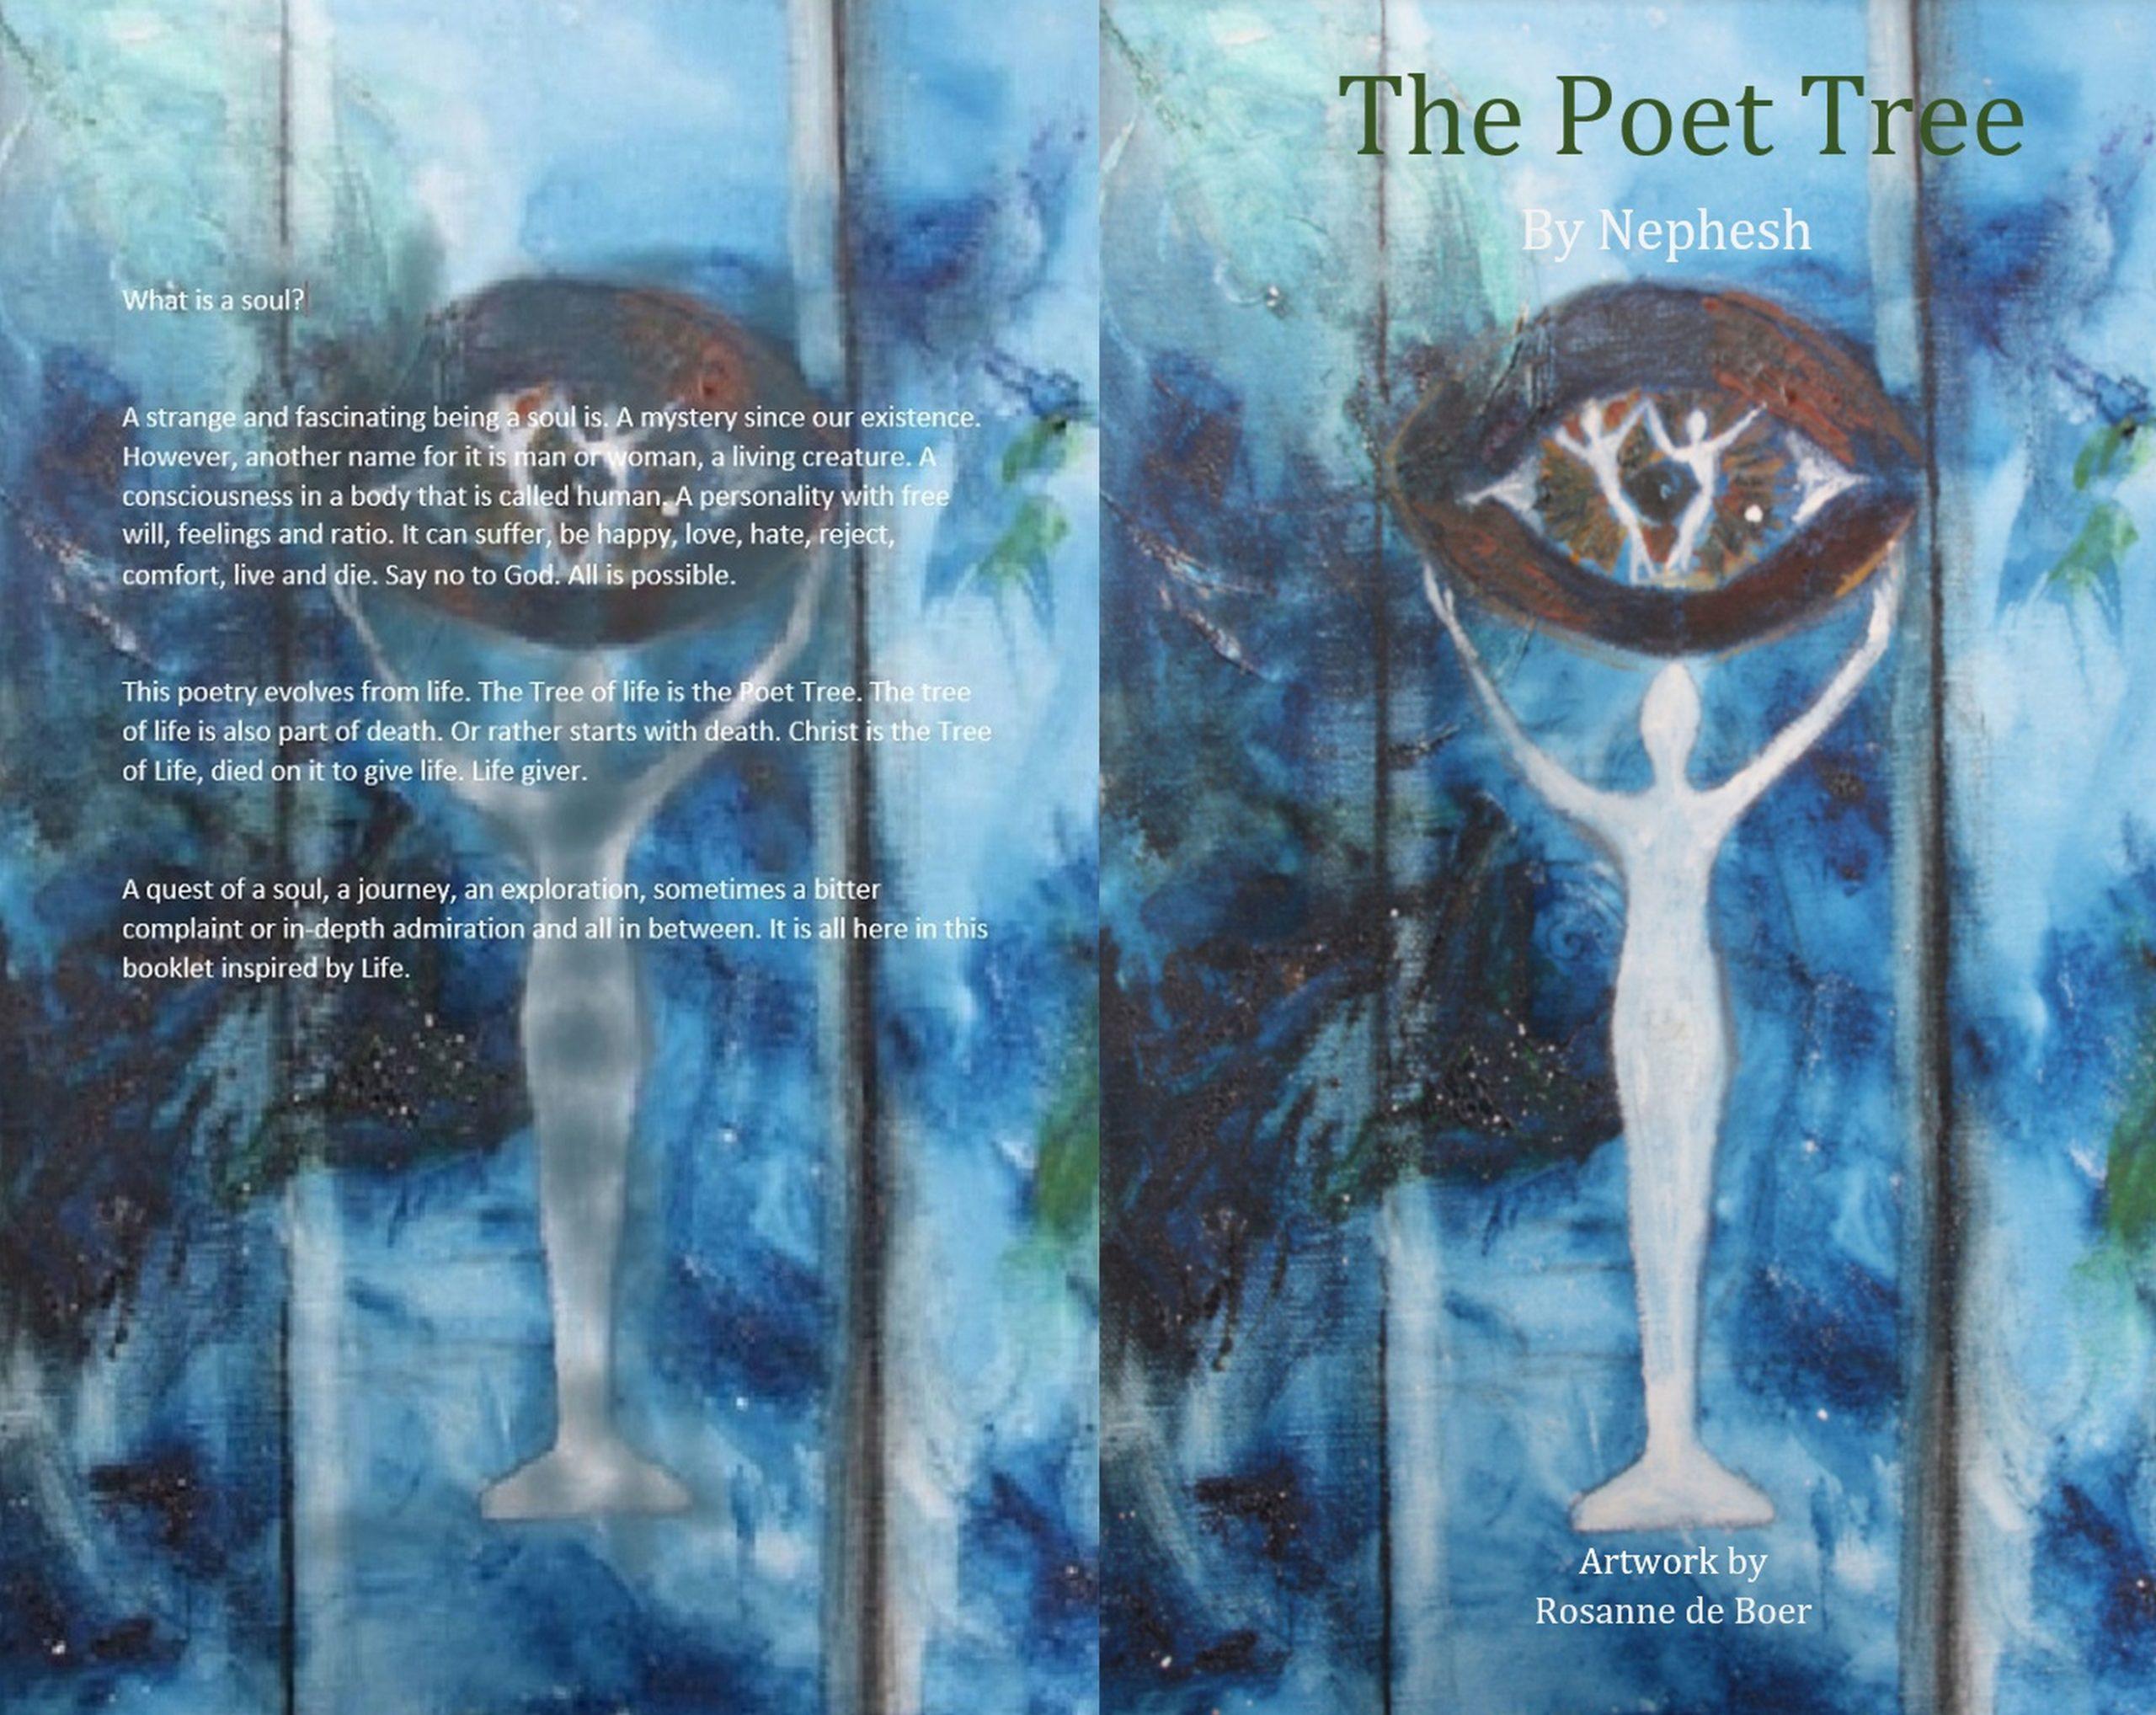 The Poet Tree Image